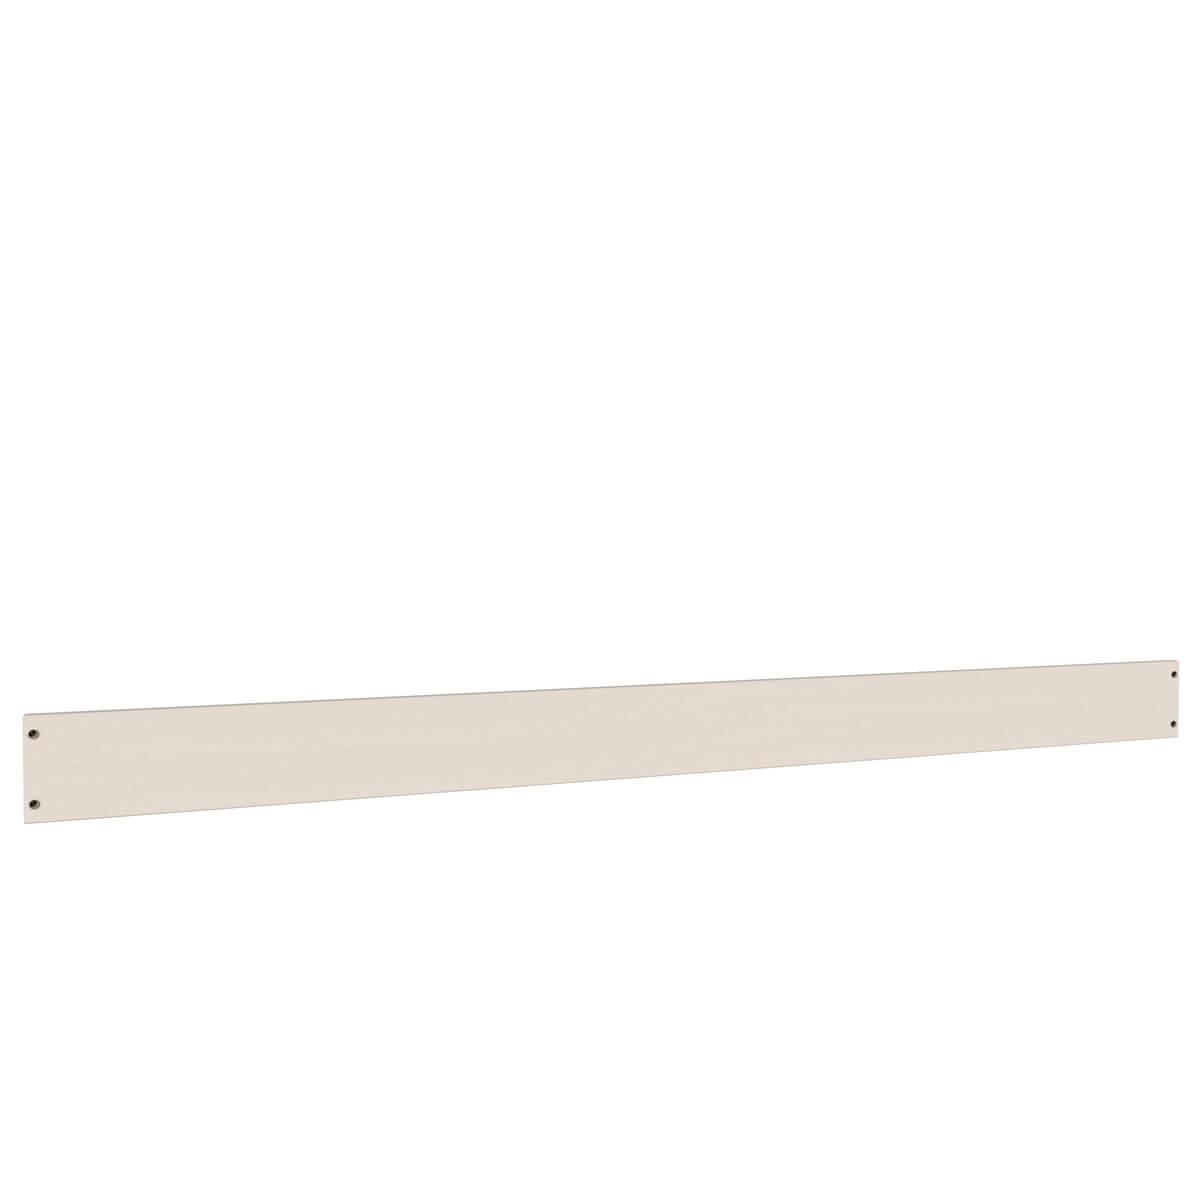 15er Zarge 200cm DESTYLE de Breuyn Buche massiv weiß gebeizt-lackiert